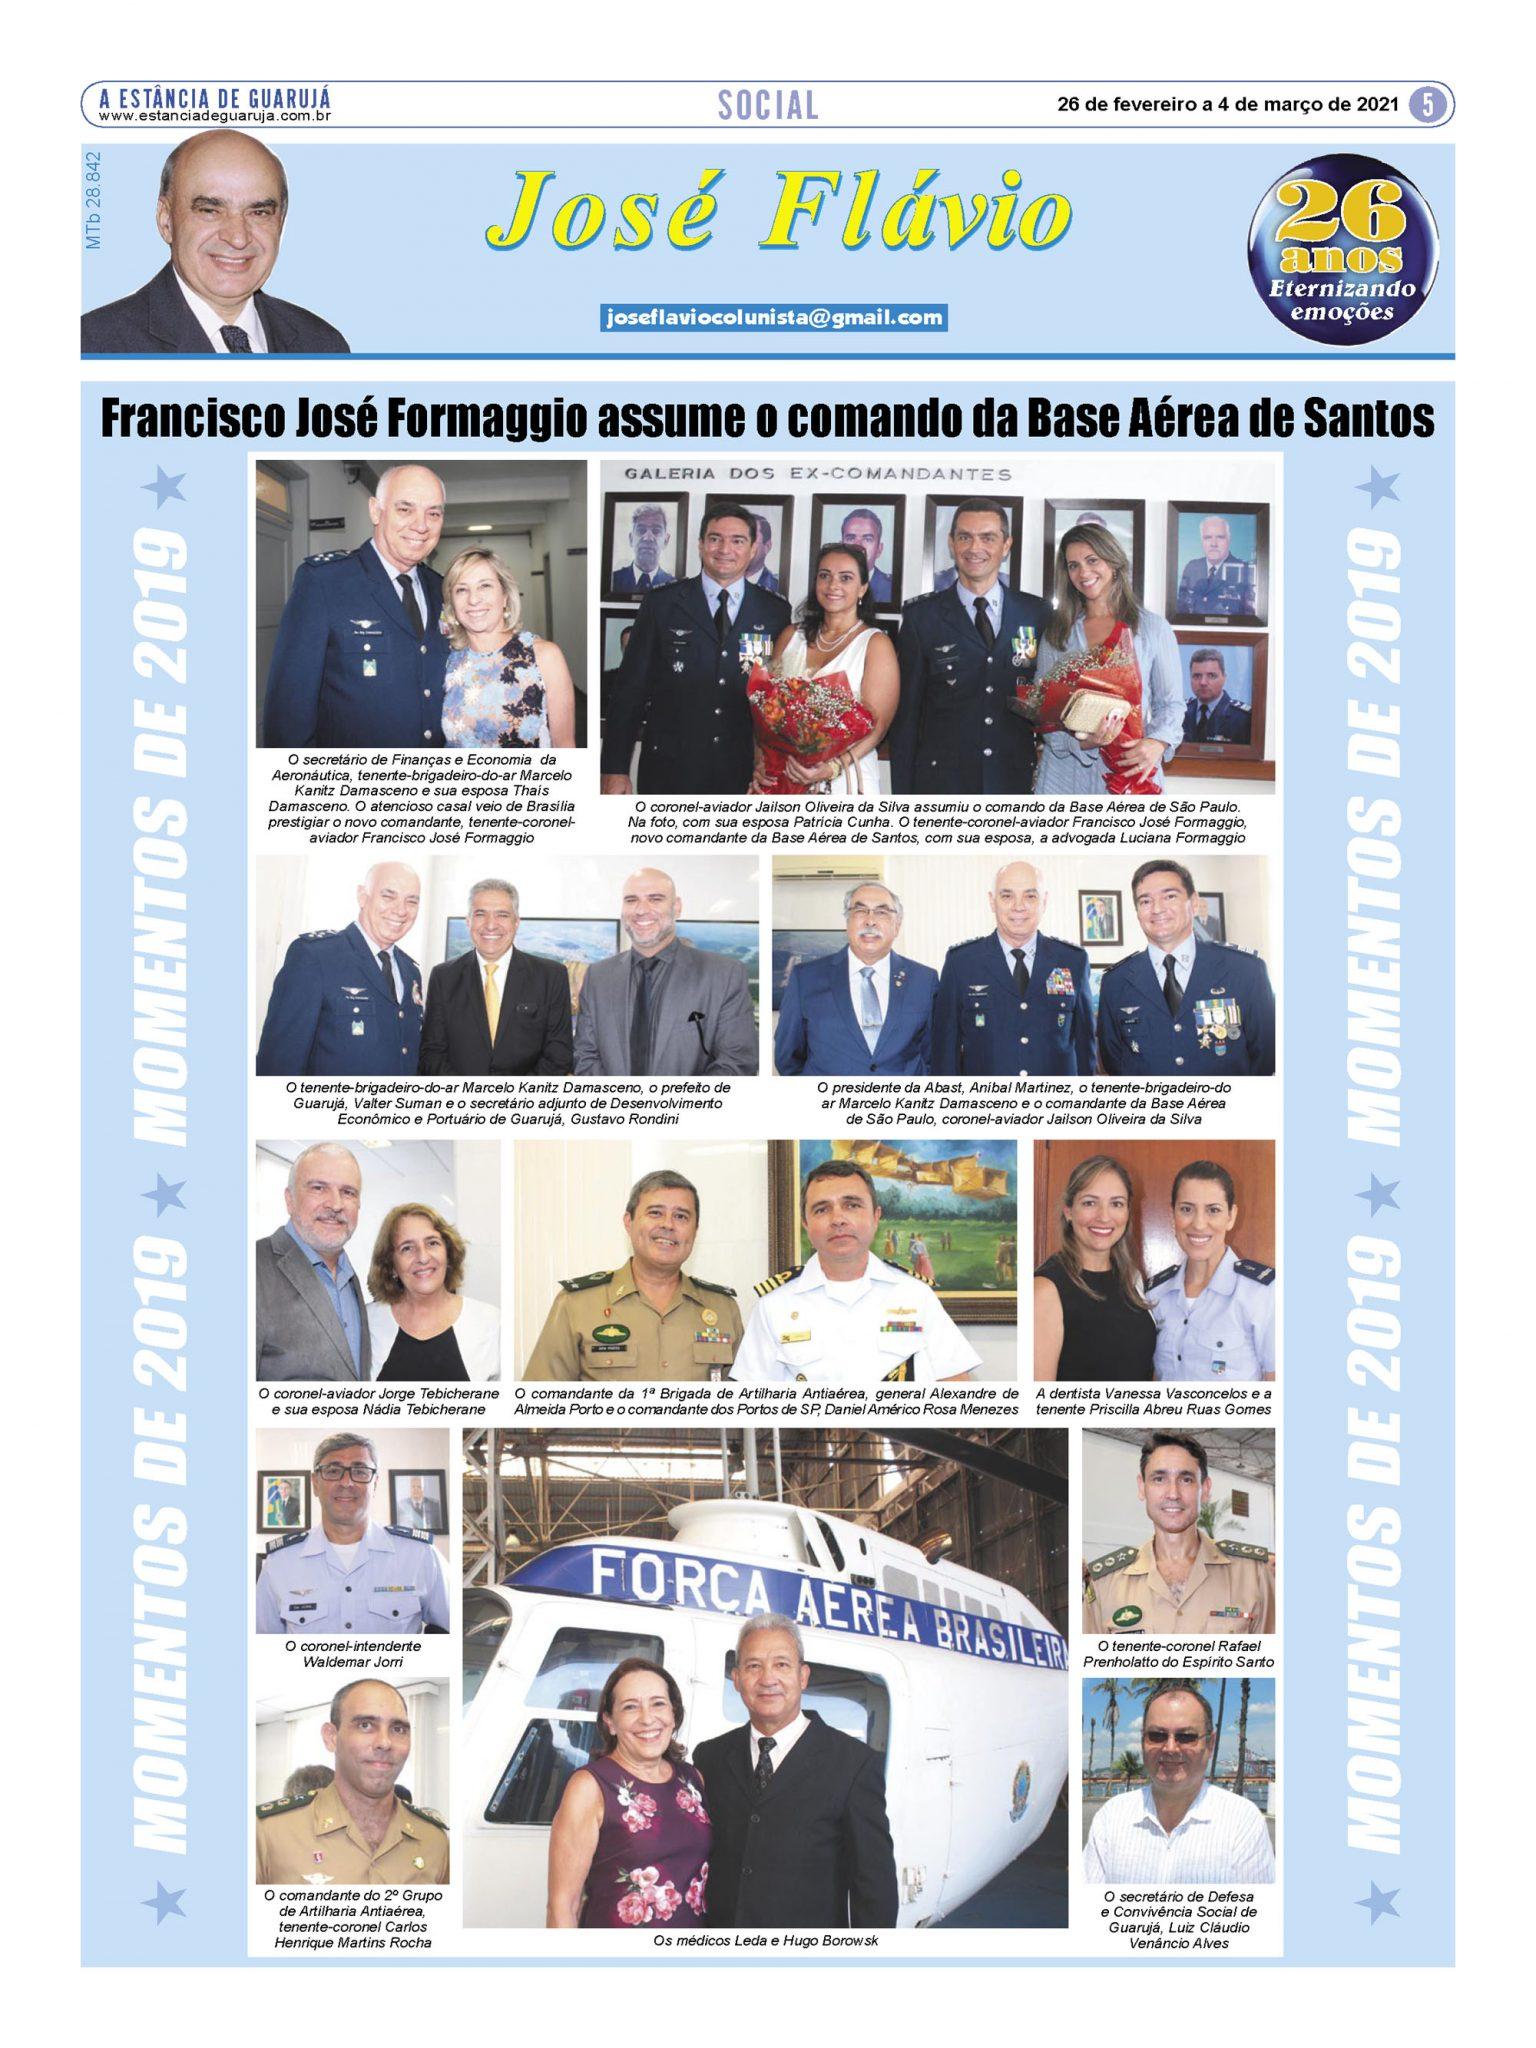 Francisco José Formaggio assume o comando da Base Aérea